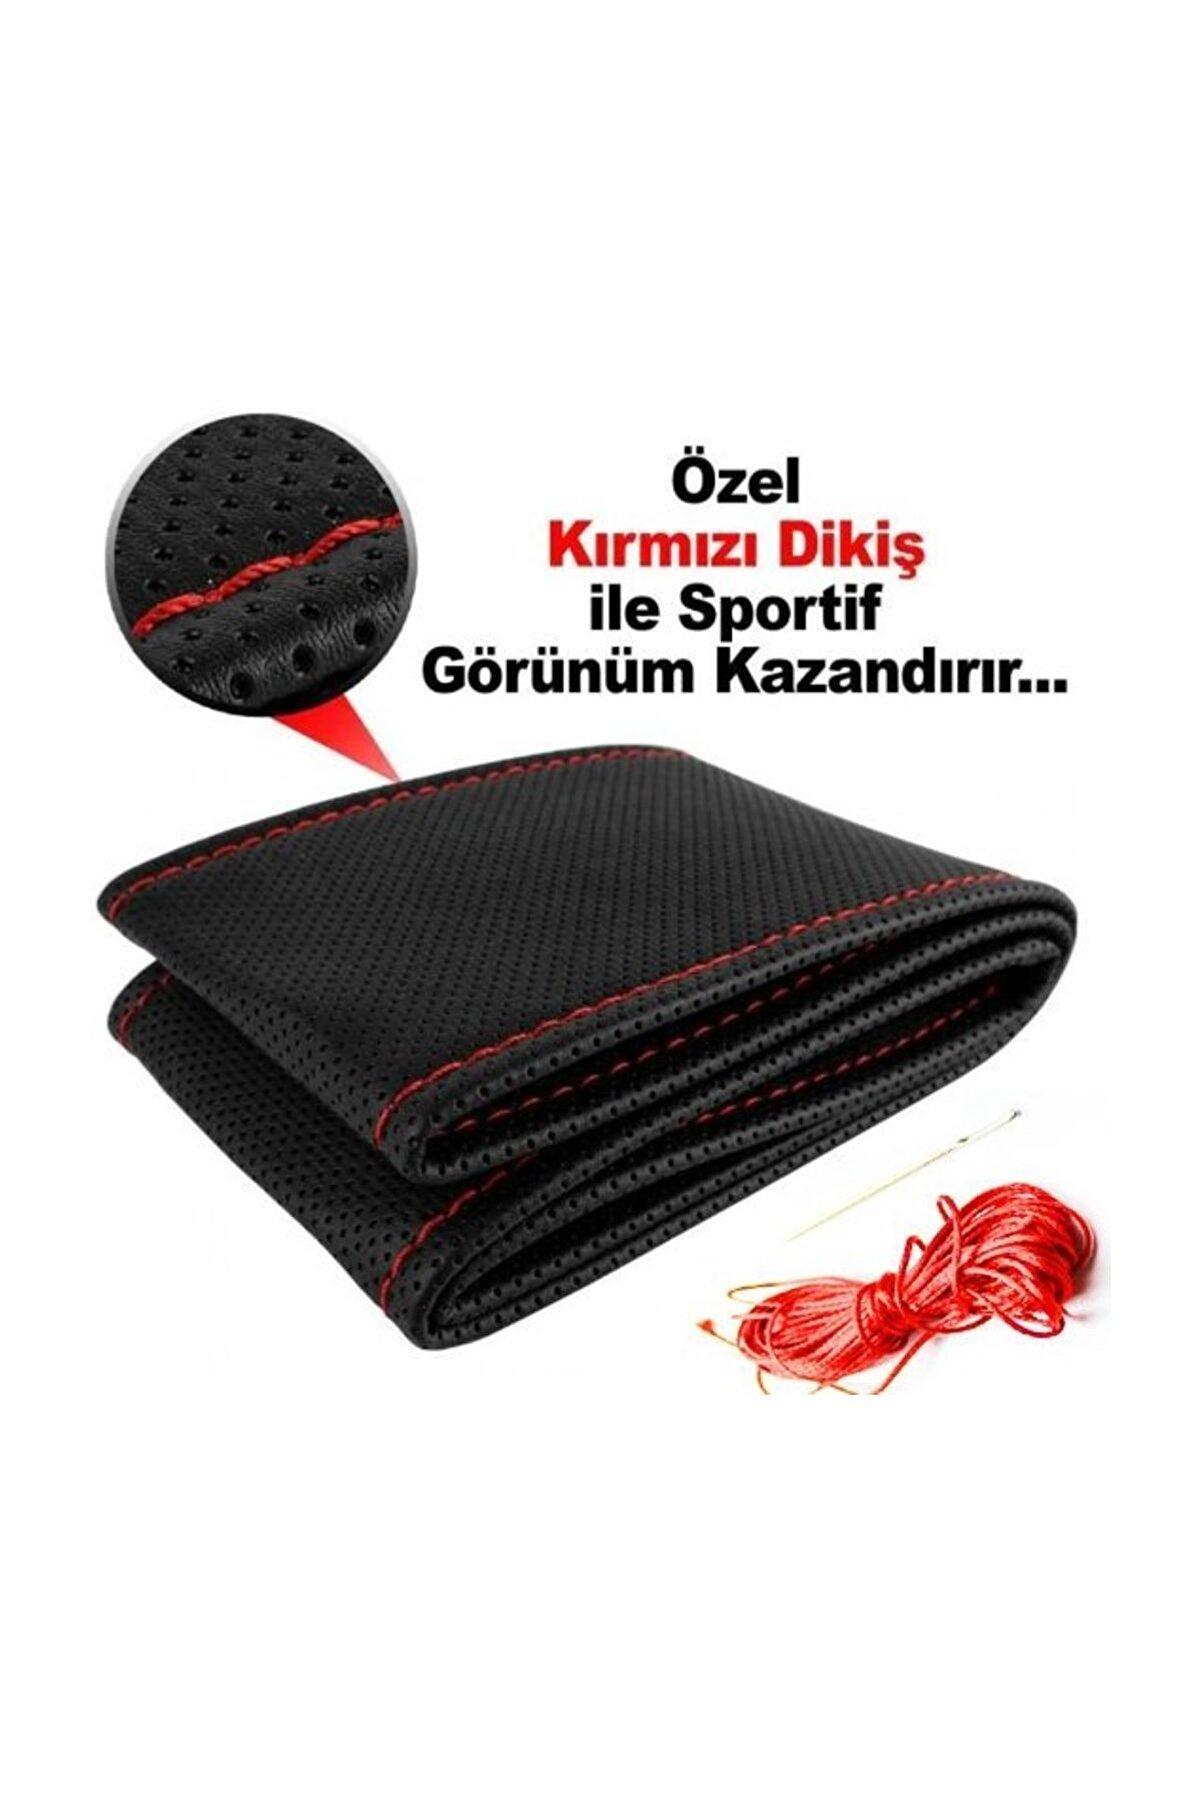 AutoEN Tofaş Doğan / Şahin Deri Direksiyon Kılıfı Sarmalı Dikmeli Siyah Kırmızı Dikişli Kokusuz